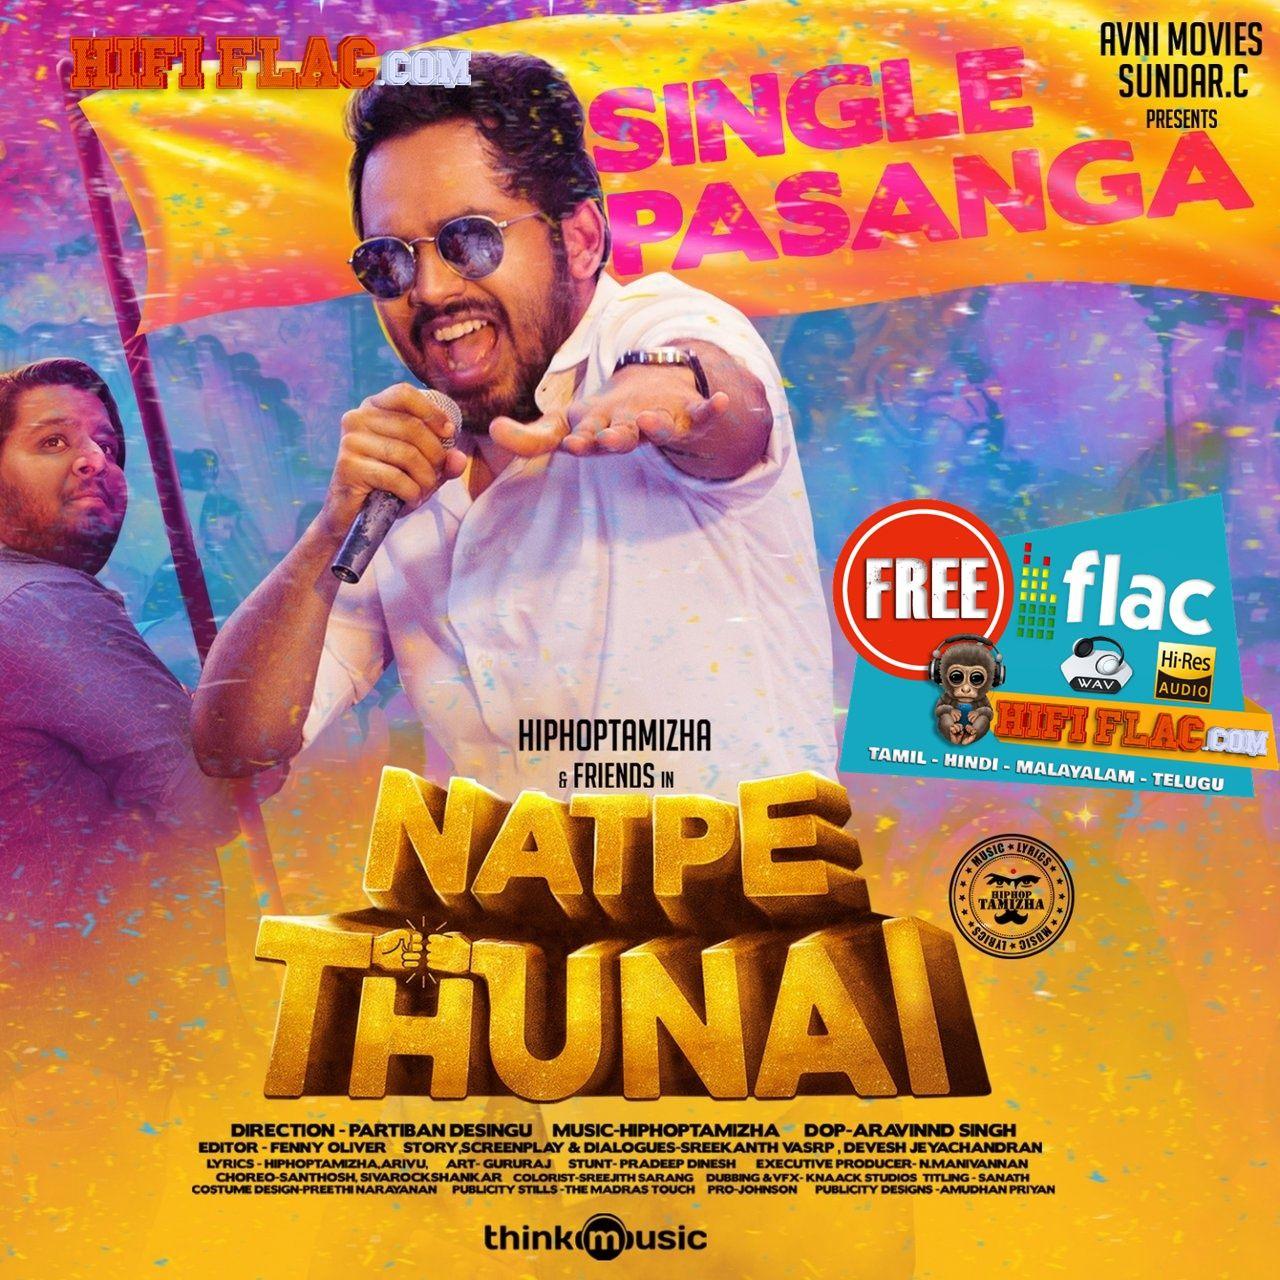 Single Pasanga Natpe Thunai 2019 Tamil Single Digitalrip Flac Single Hip Hop Movie Posters